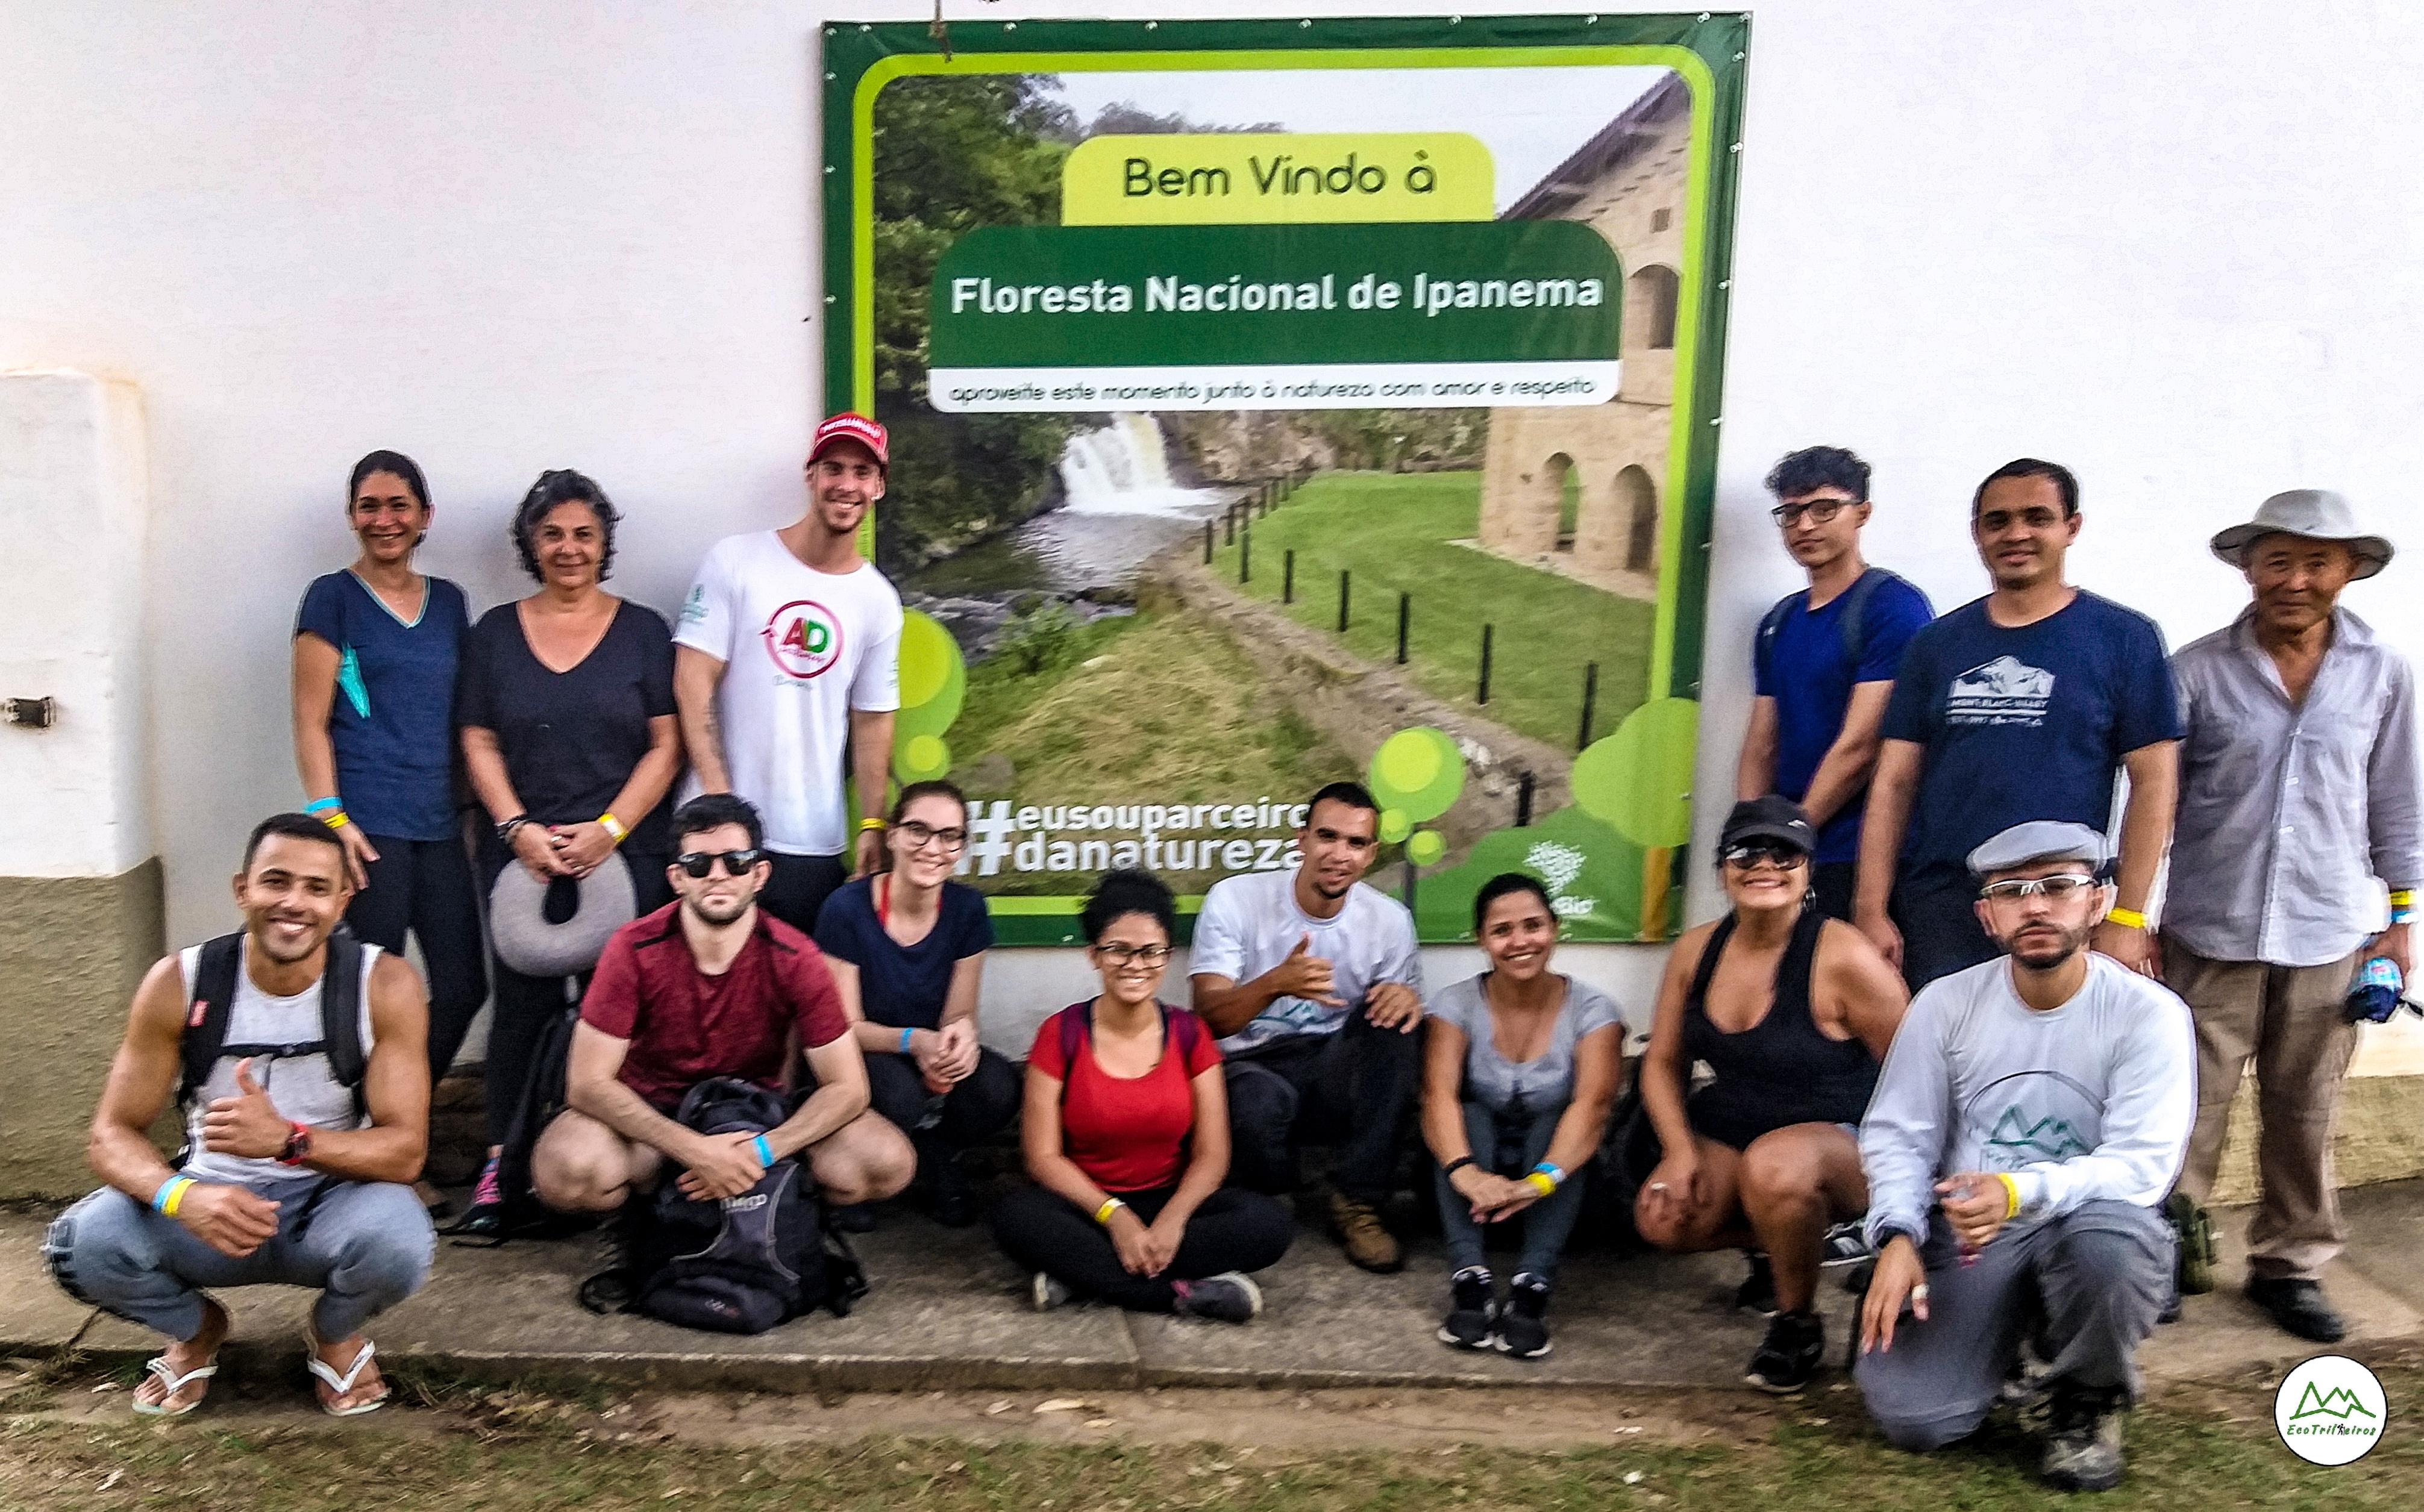 21_FLona de Ipanema 30.6